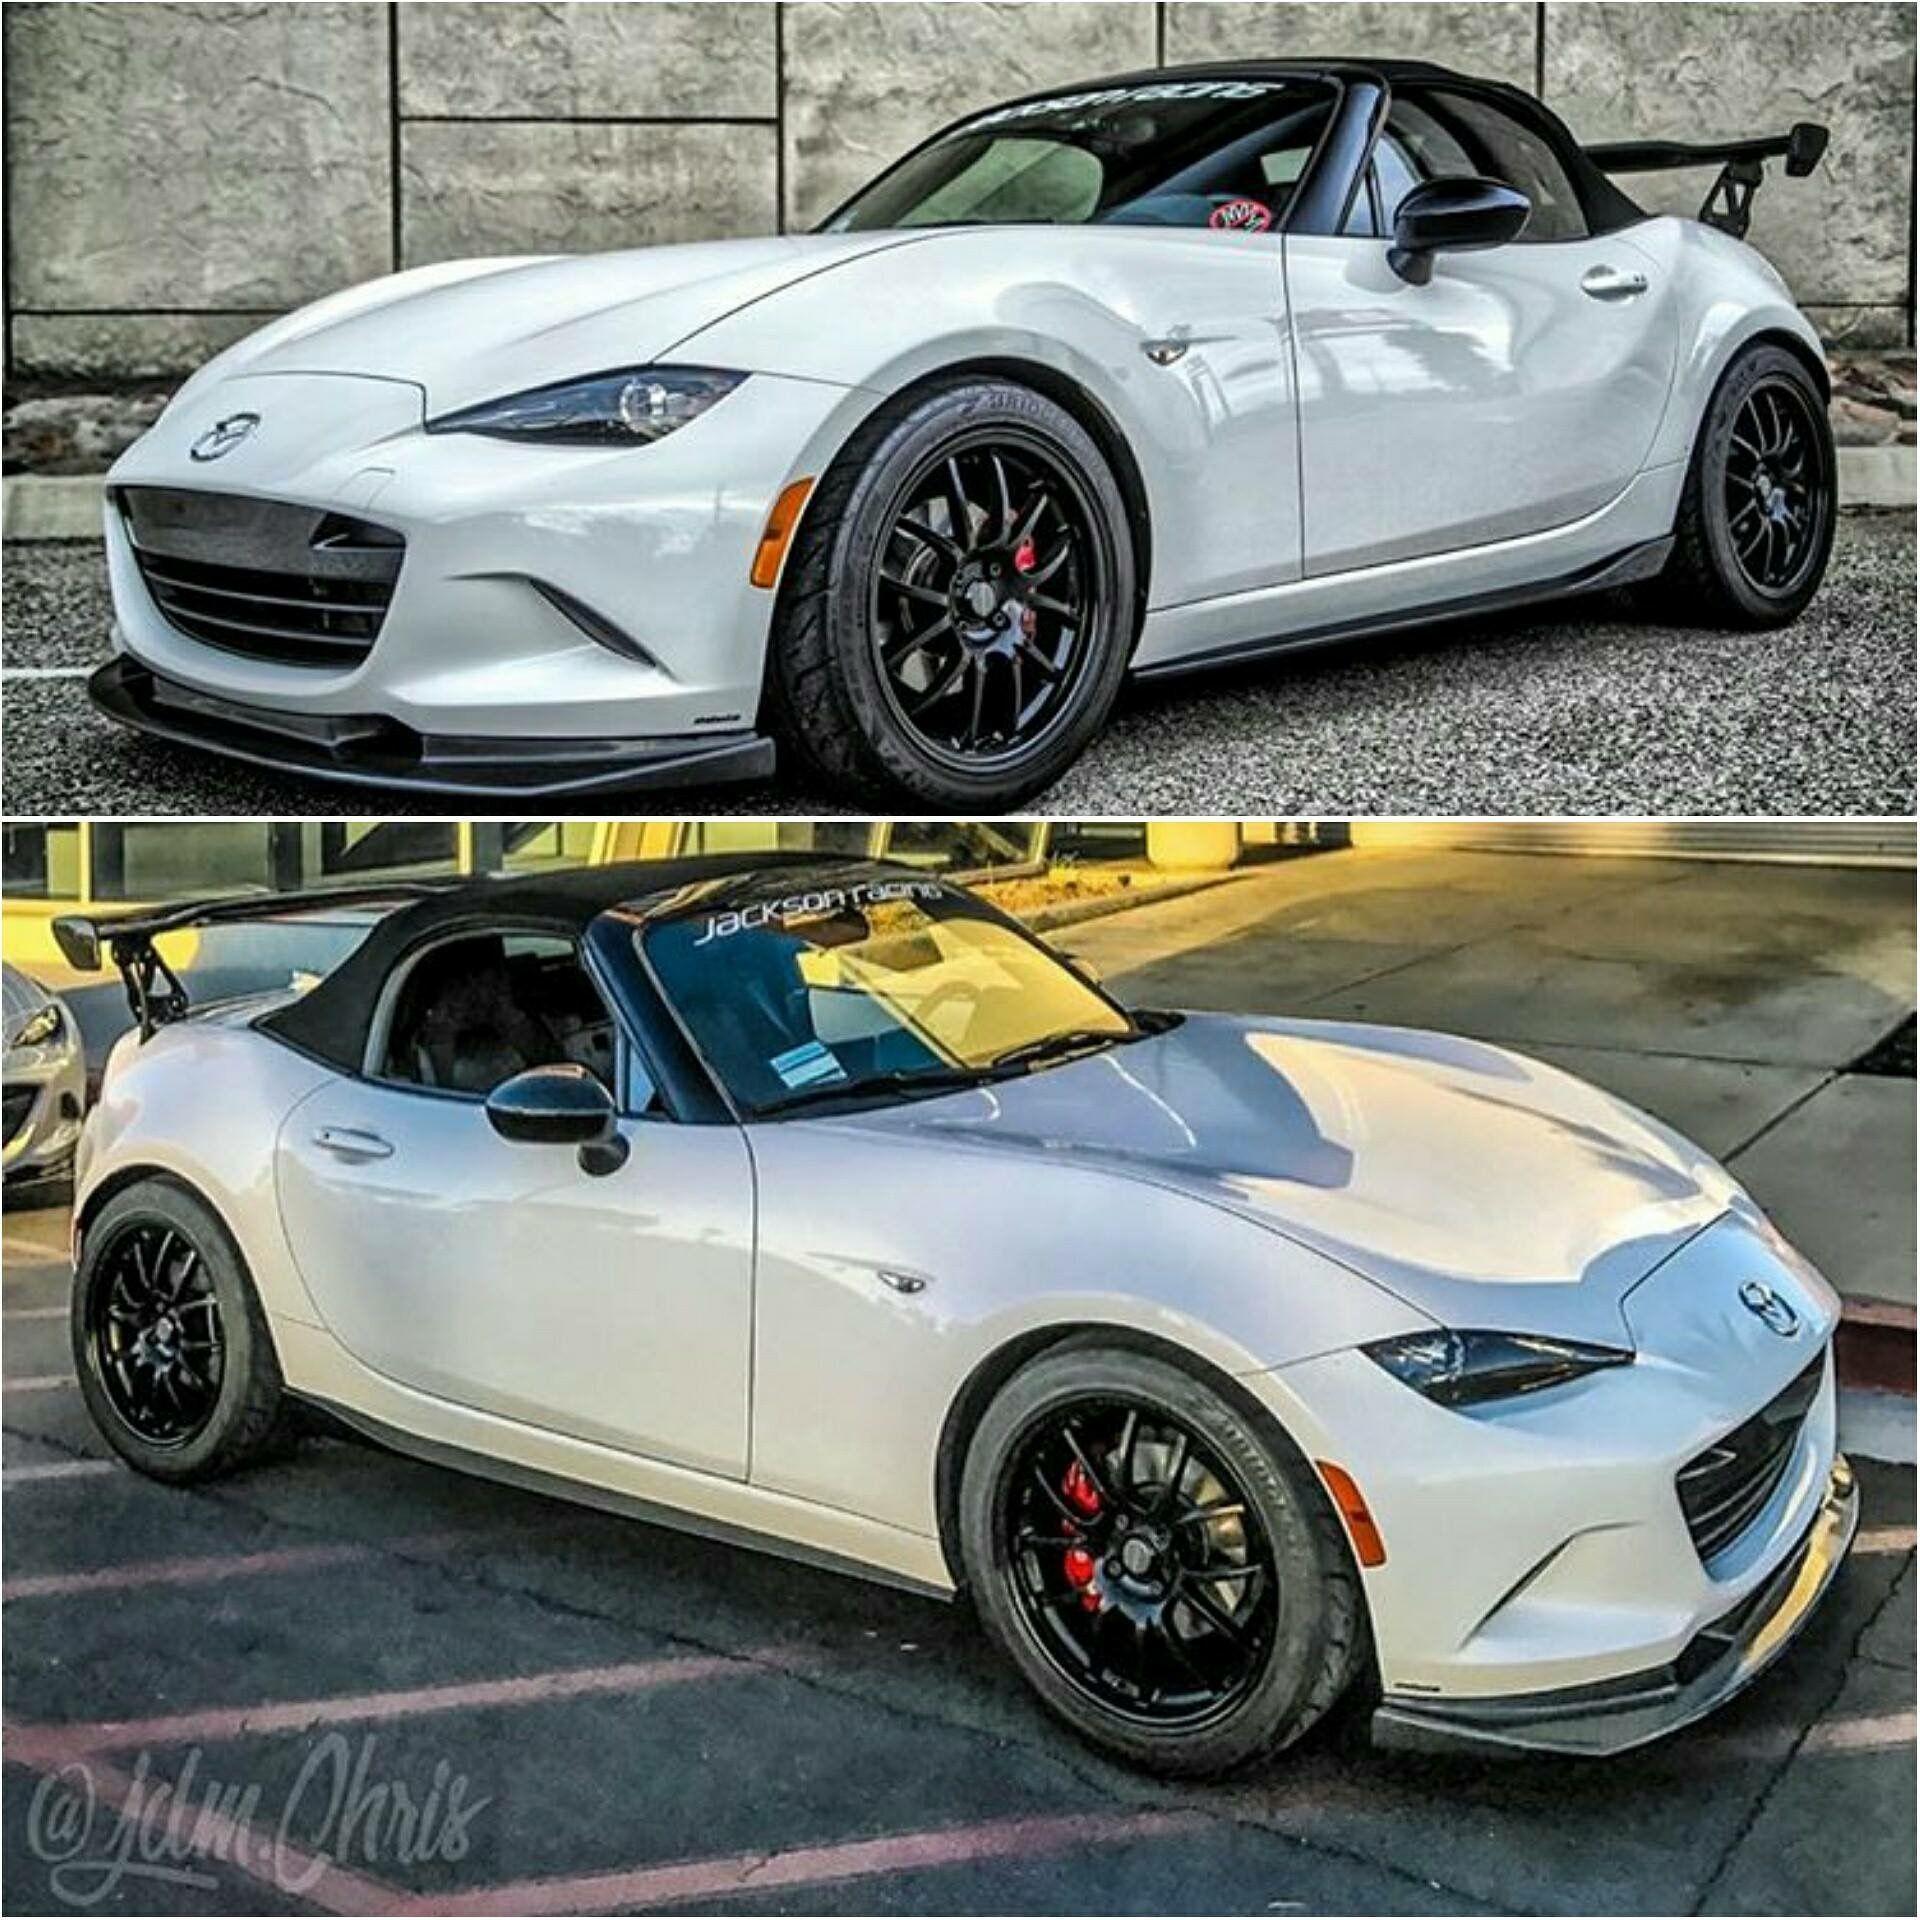 Mazda Cars, Mazda Mx5 Miata